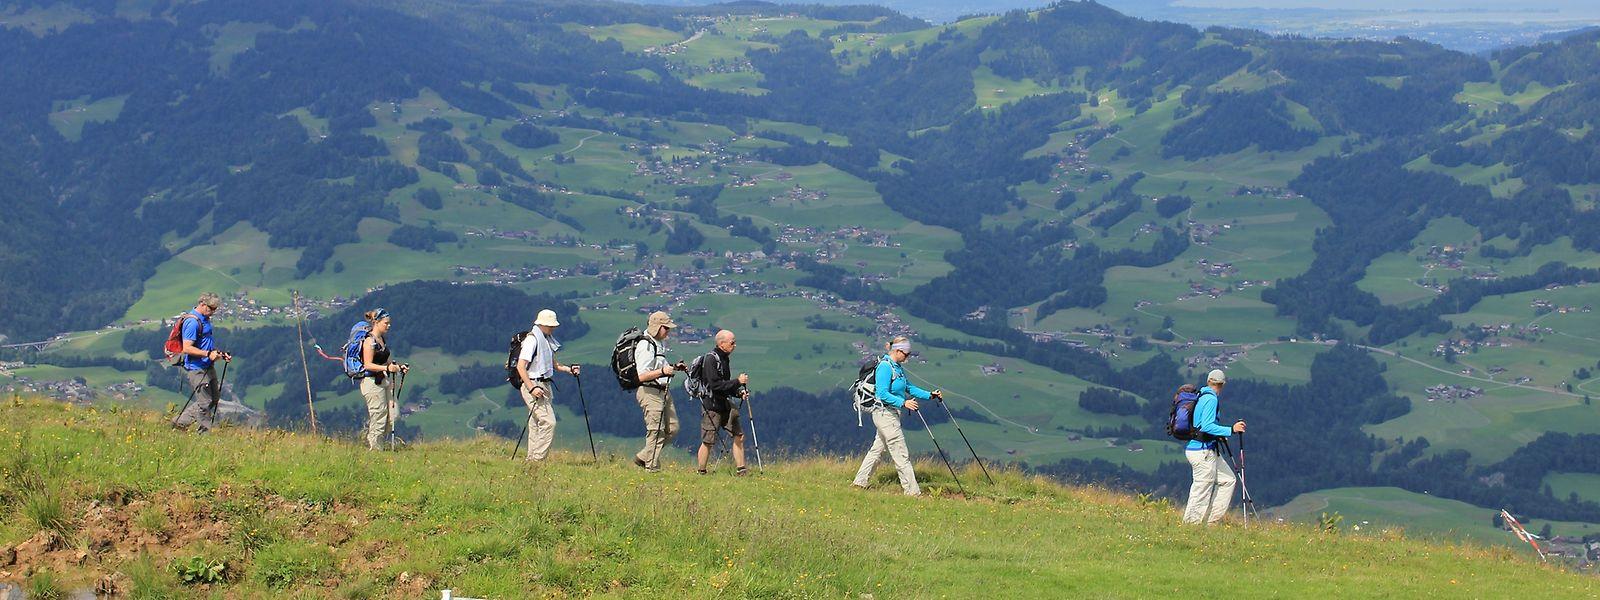 Wanderer kommen rund um den Großglockner auf ihre Kosten. Belohnt werden sie etwa mit einem Blick auf das Habachtal.